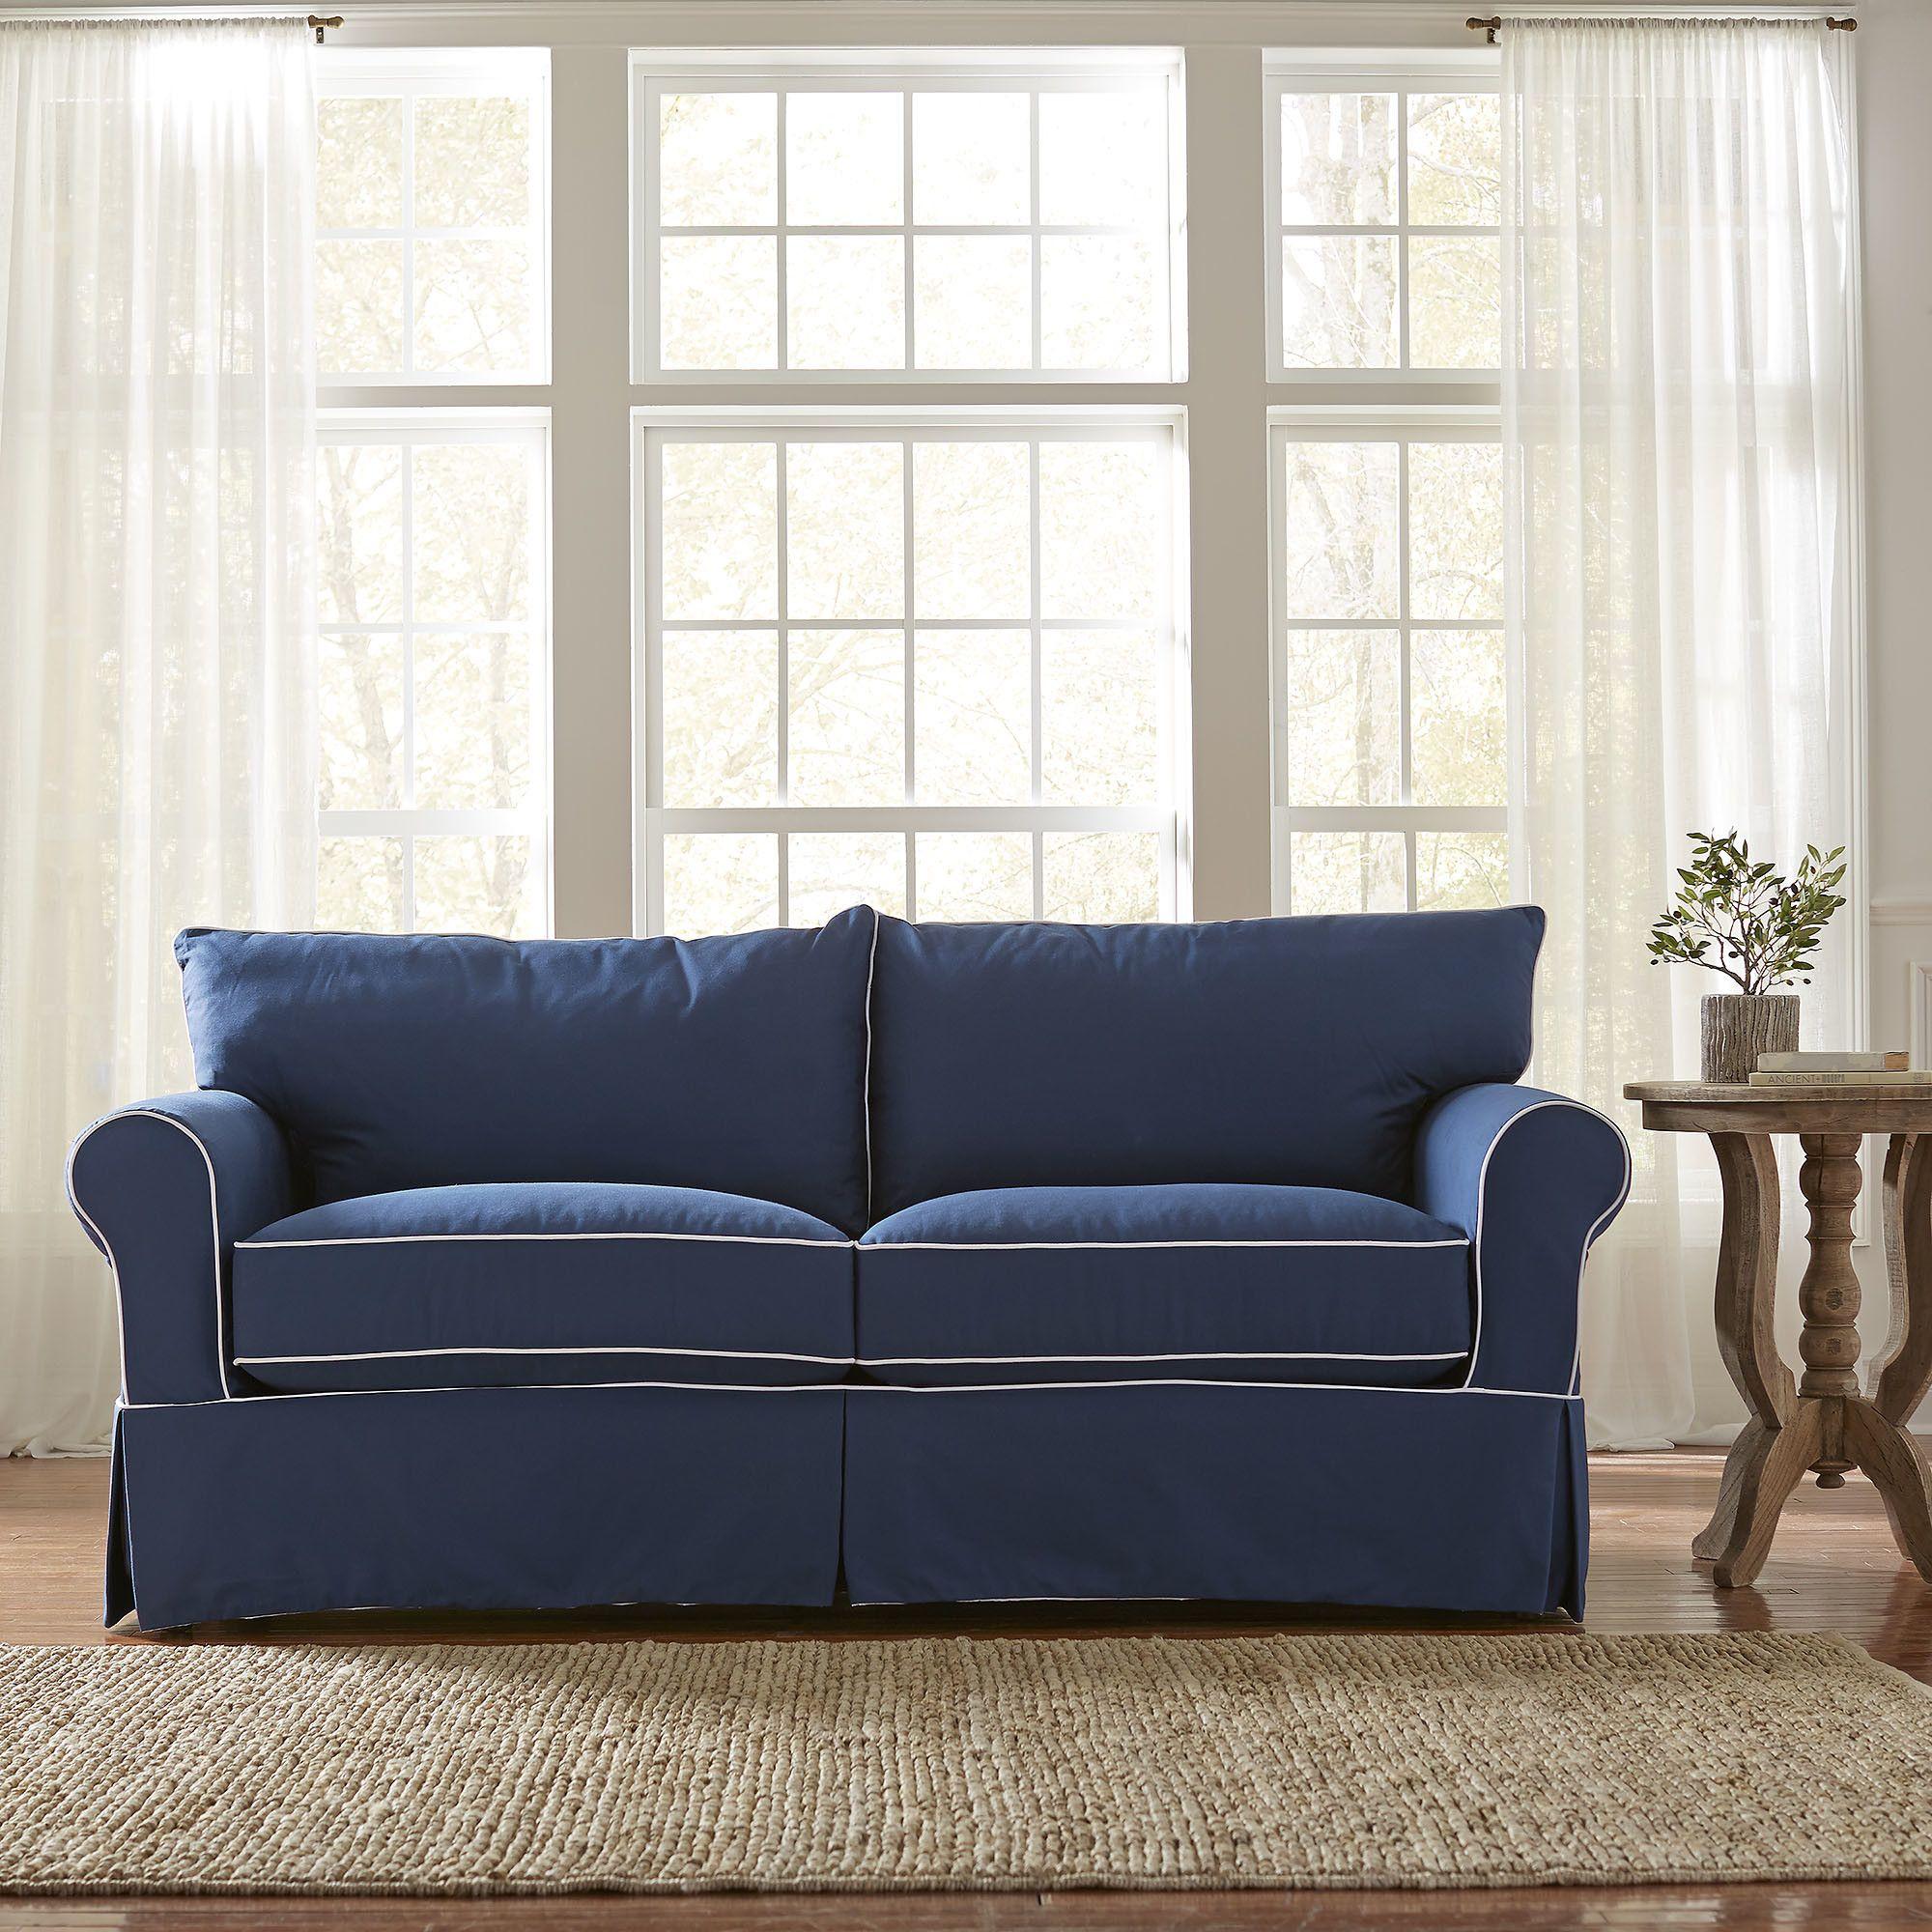 Stupendous Donatella Sofa Bed Design 4 My Time Sofa Bed Sleeper Inzonedesignstudio Interior Chair Design Inzonedesignstudiocom